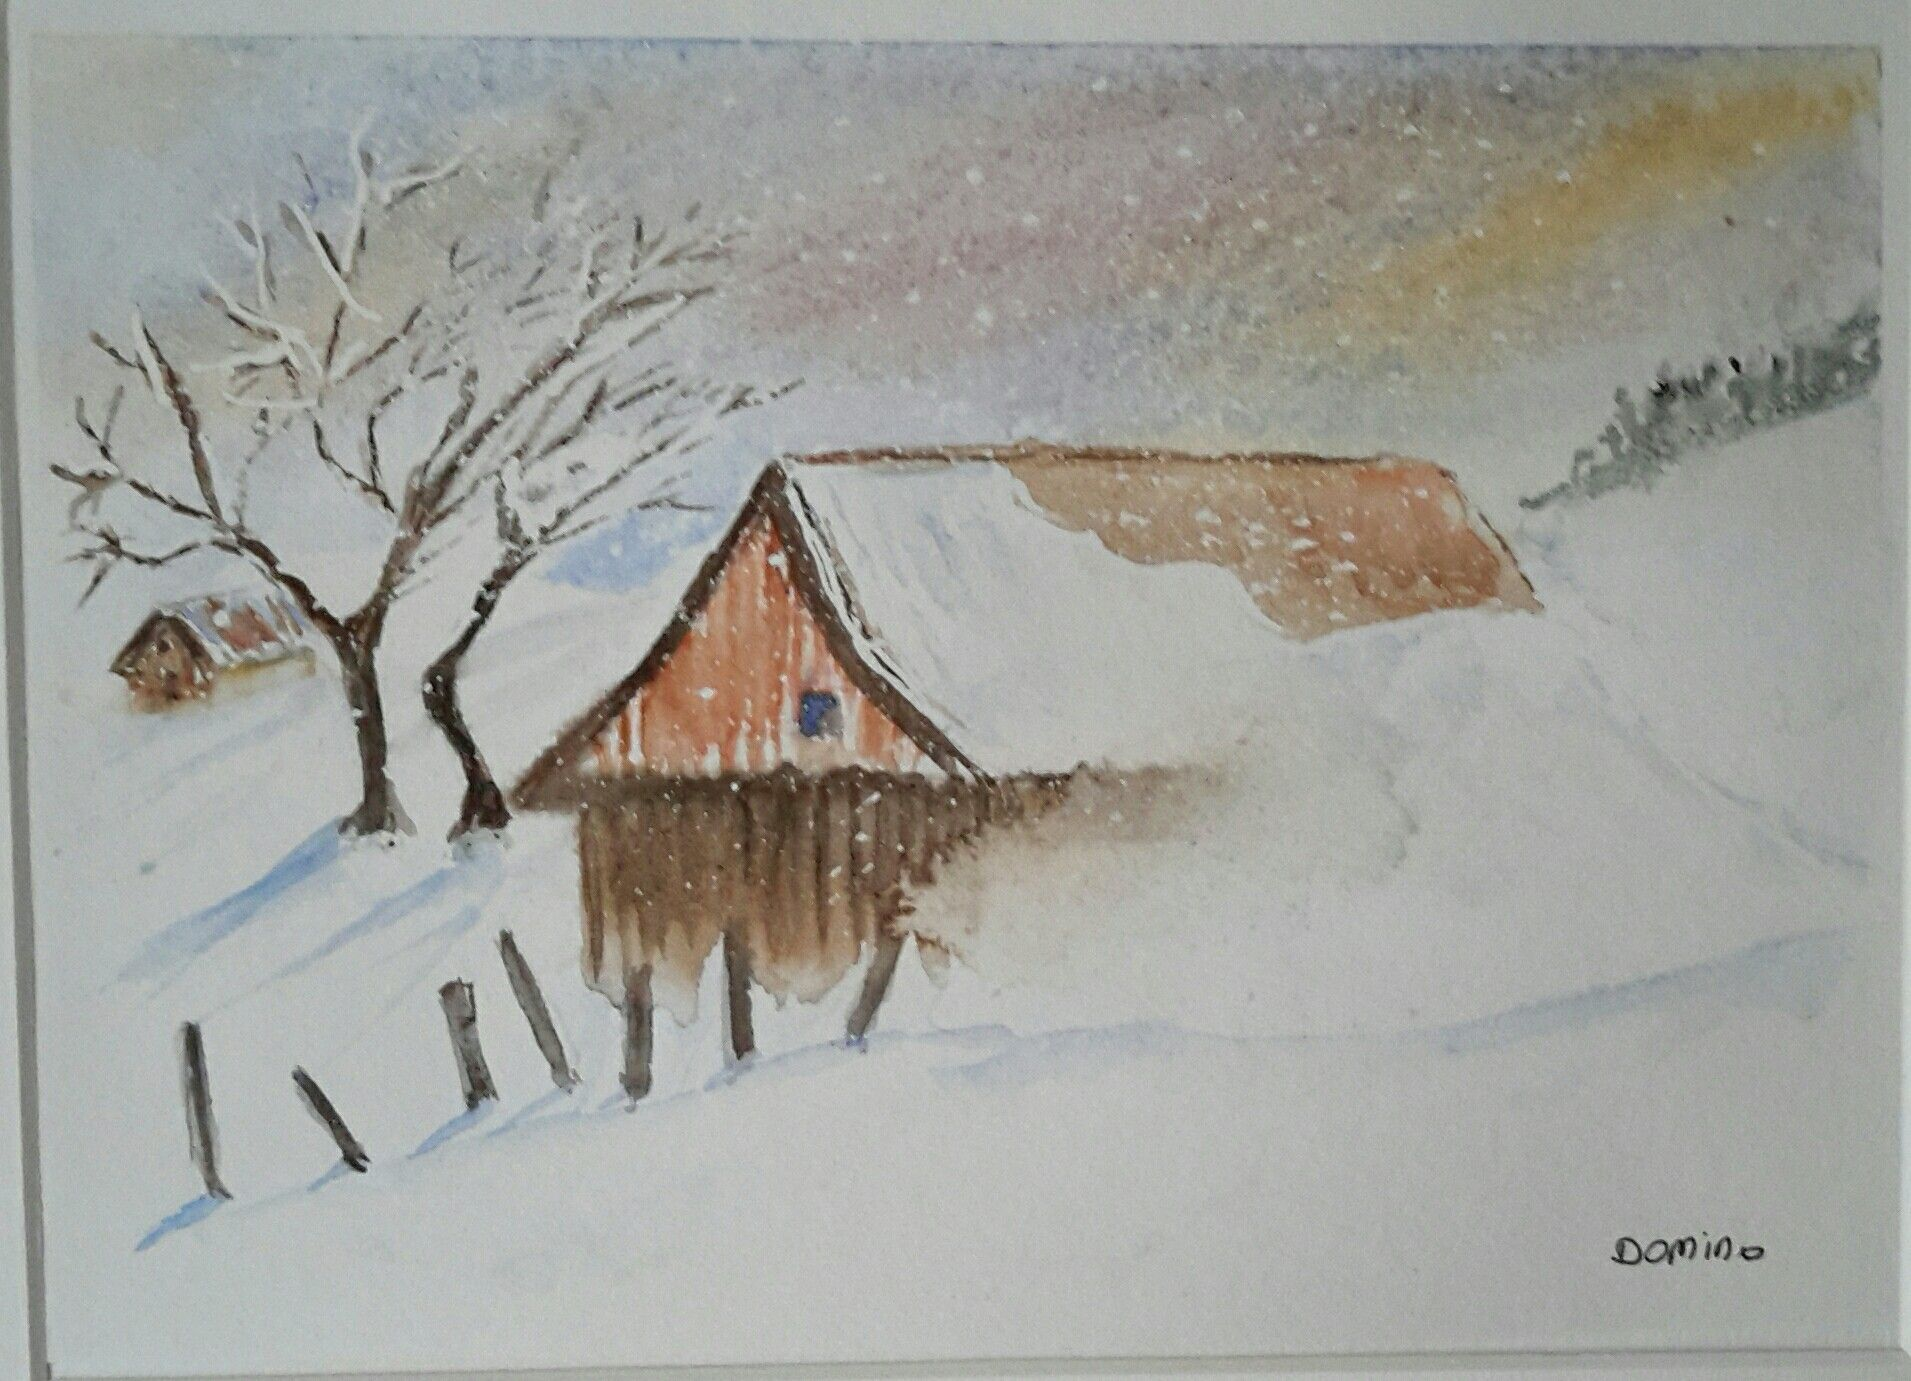 Epingle Par Dominique Poisson Sur Chalets Enneiges Neige Chalet